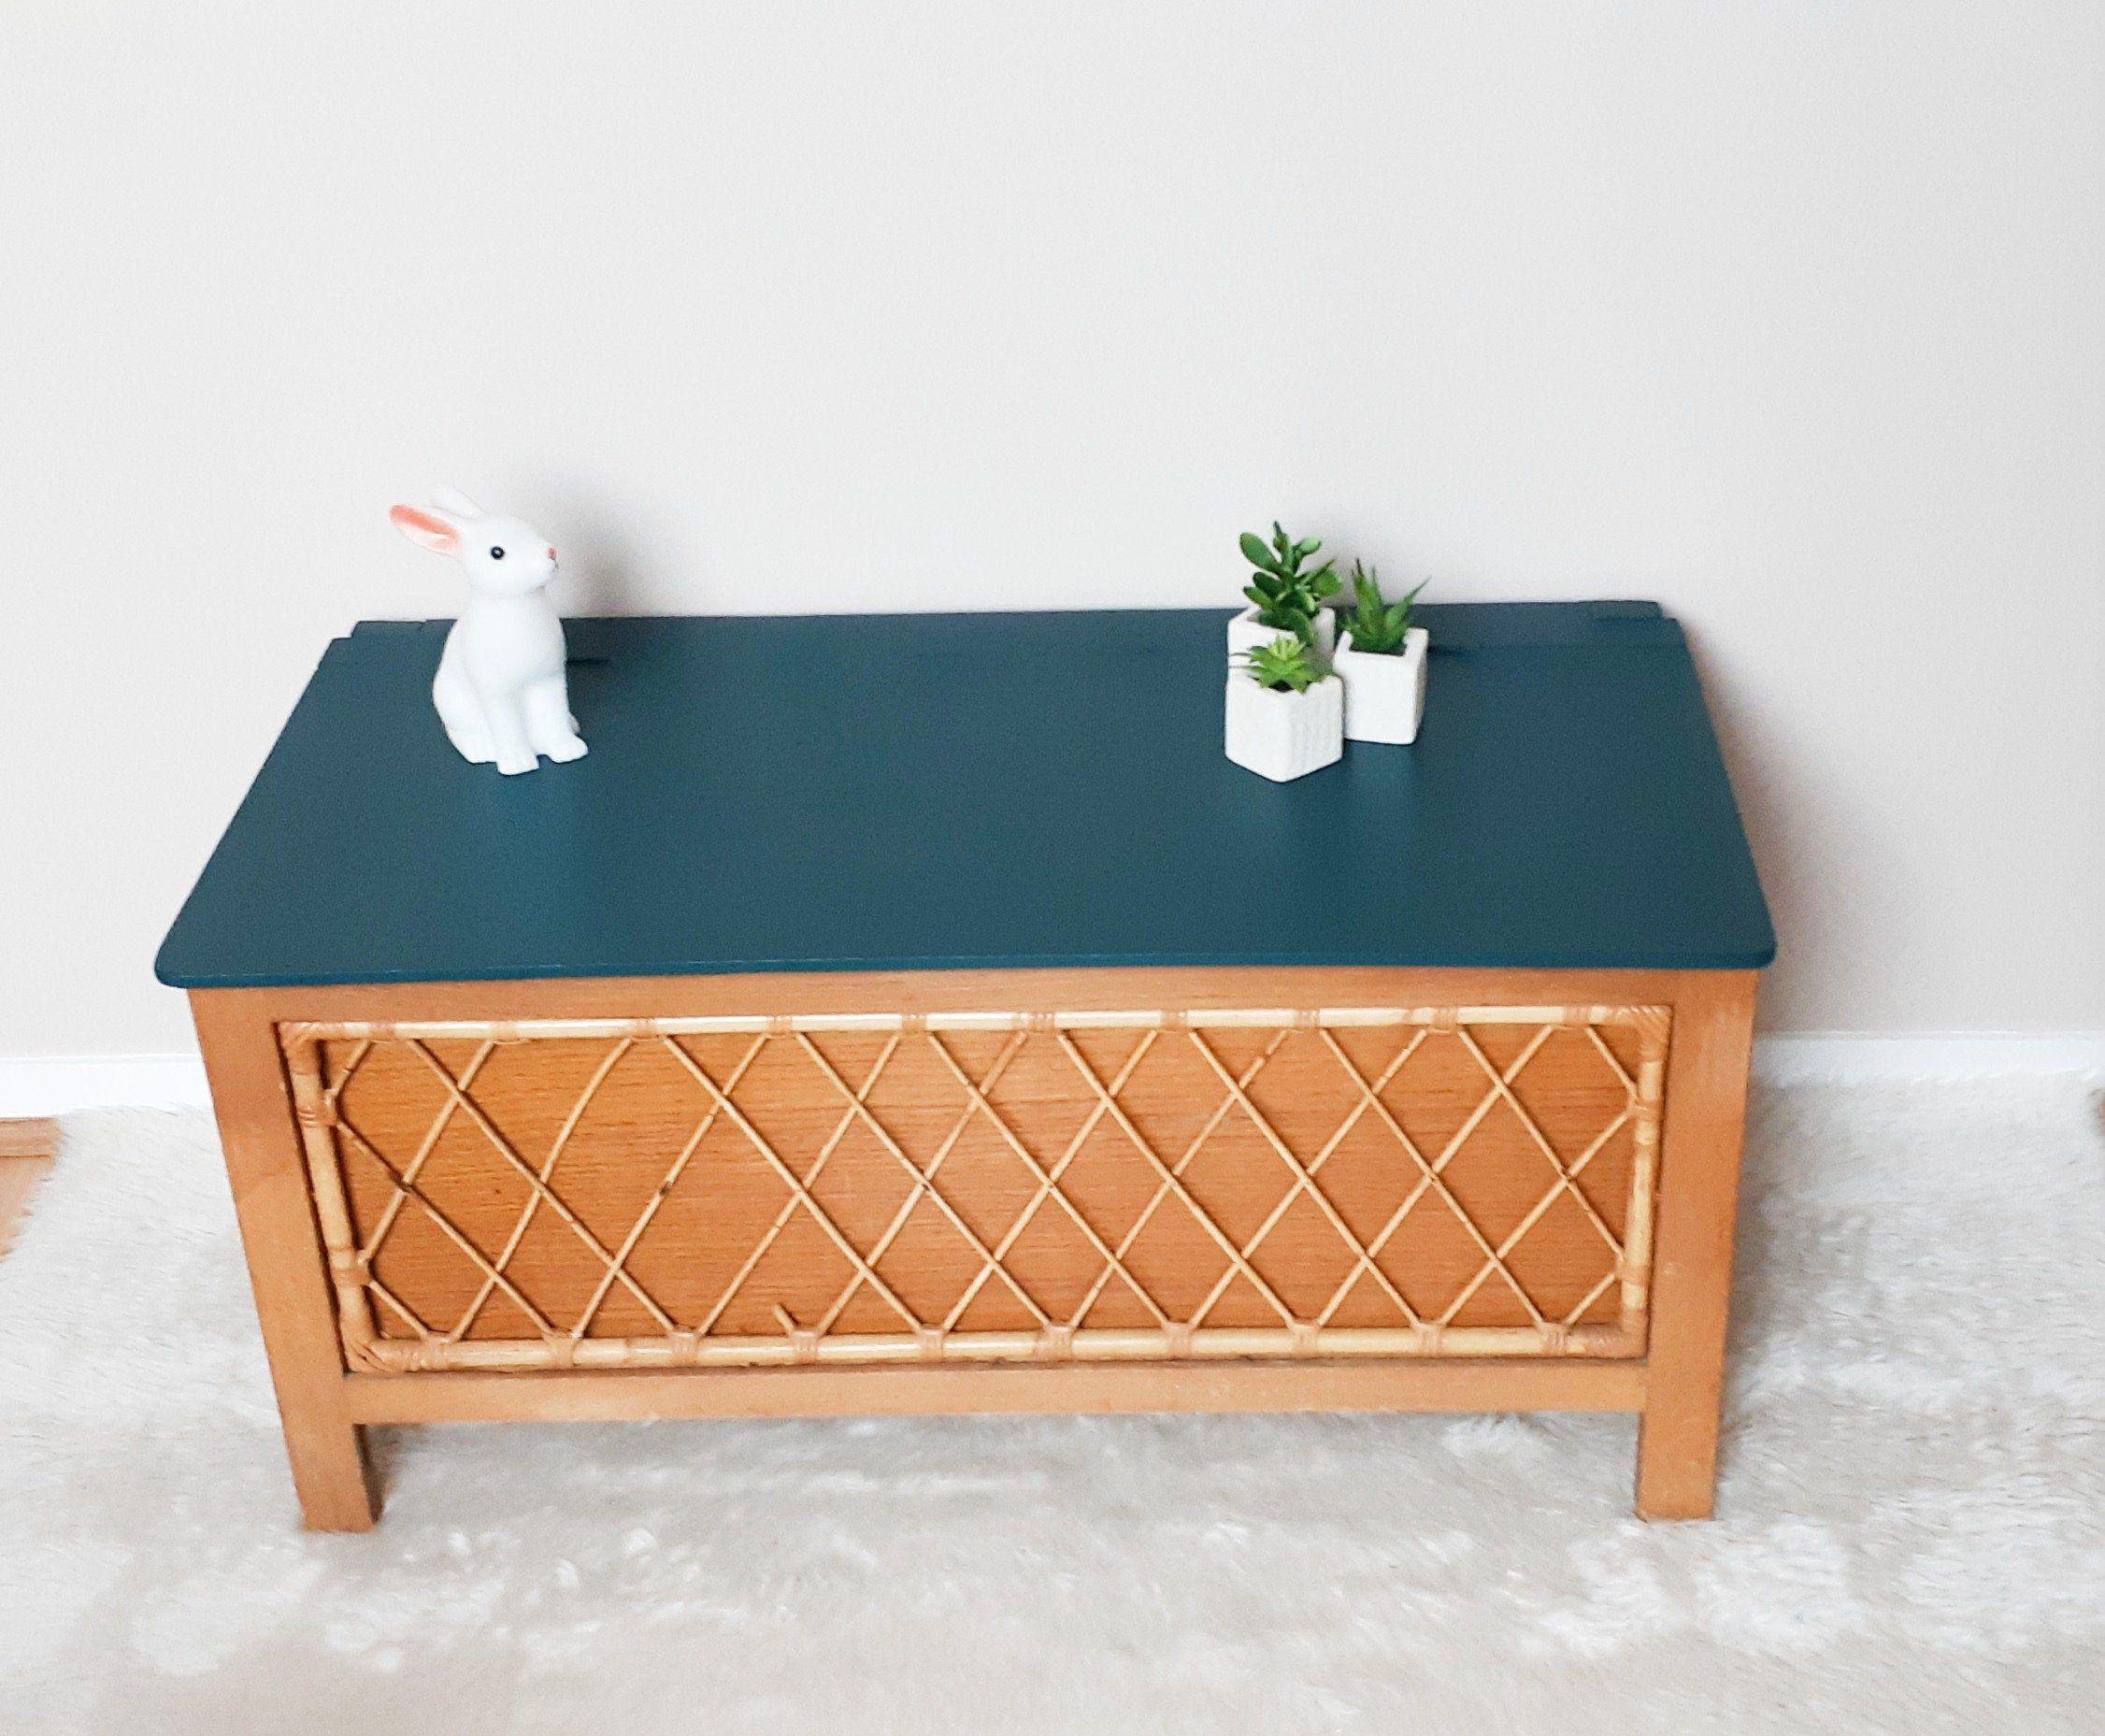 Coffre A Jouets Annees 60 Bois Et Rotin Relooke En Bleu Canard Par Atelierdelachoisille Sur Etsy In 2020 Home Decor Items Home Decor 21st Century Homes